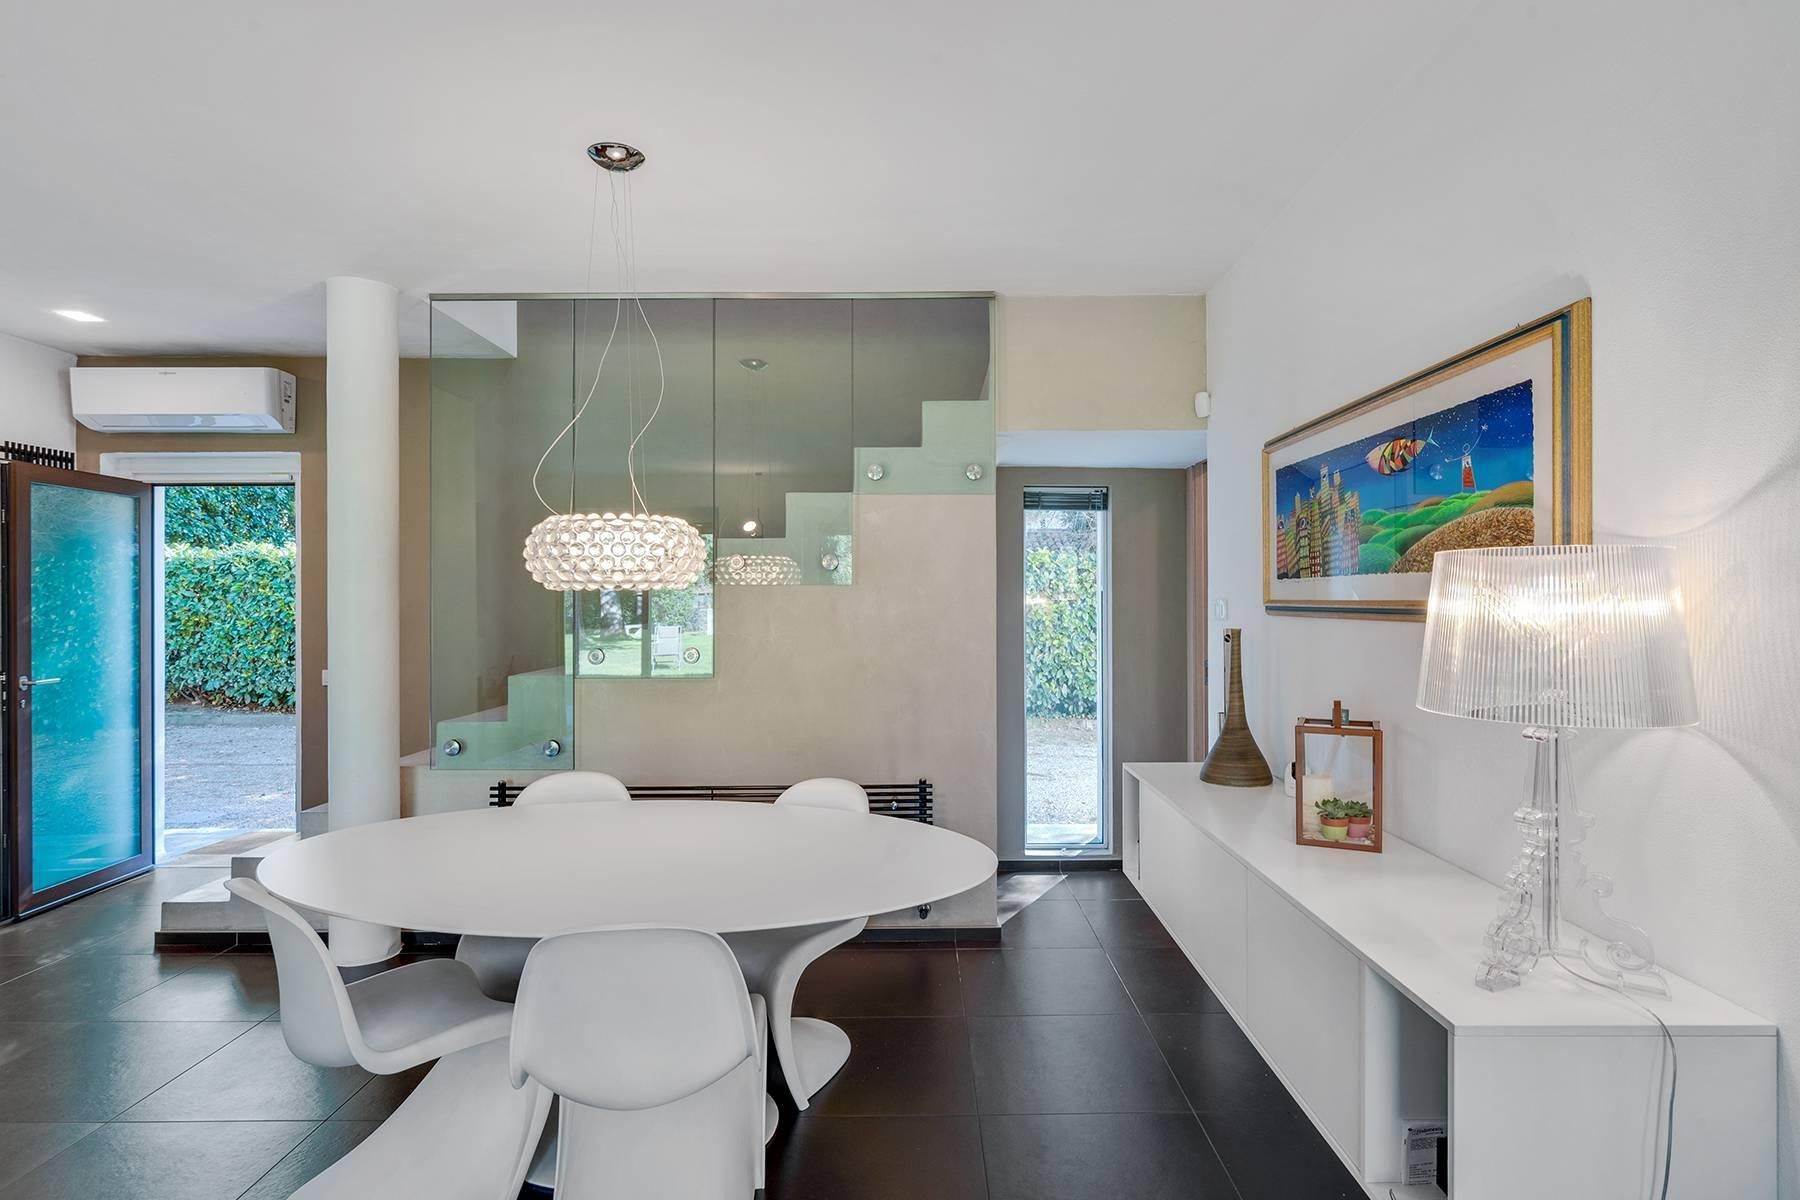 Maison individuelle entièrement rénovée en style moderne - 5